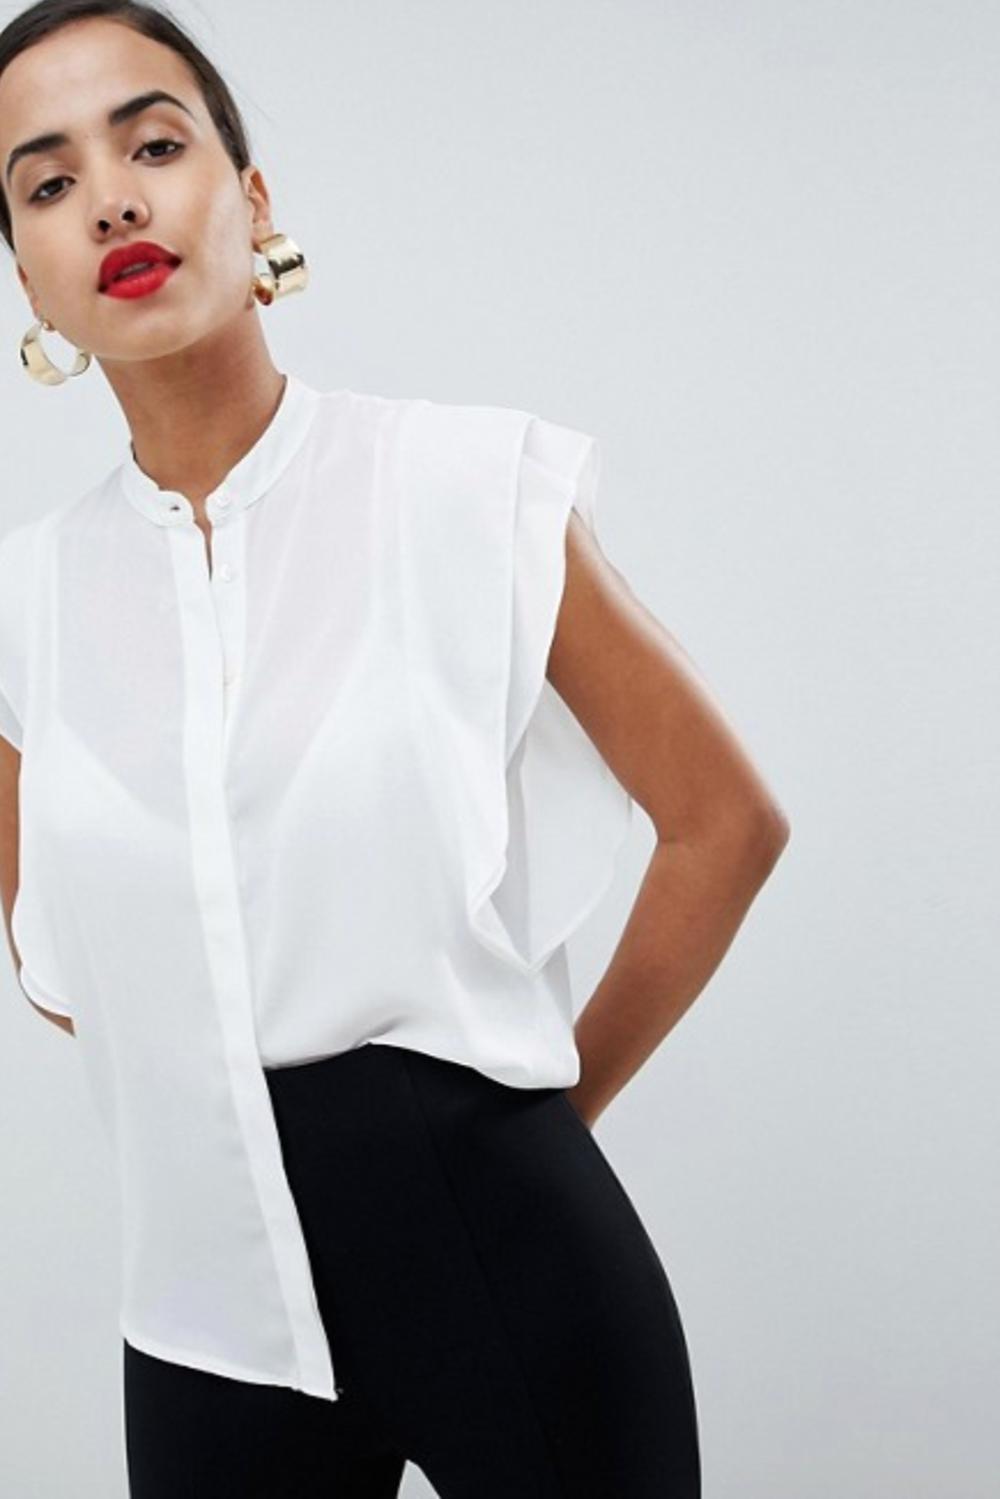 Elegante Blusa Blanca Y Tirantes. Camisa Clásica Blanca Para